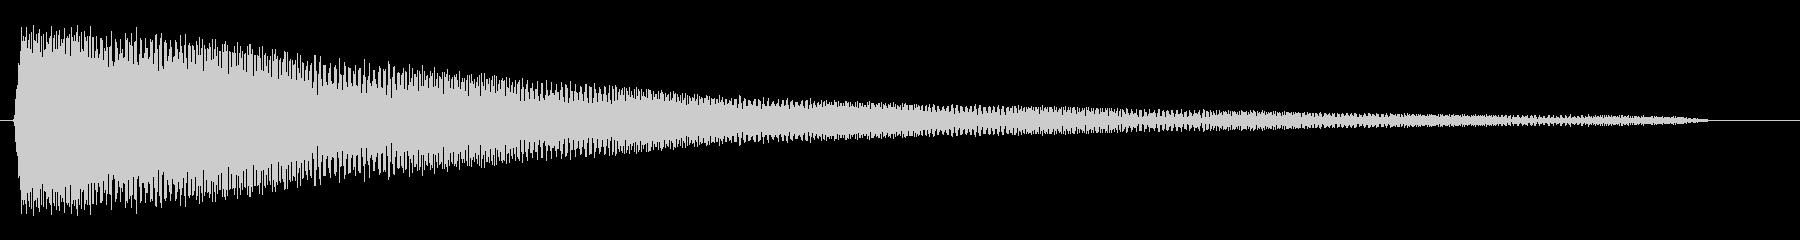 ポワワワワン (コミカルな波形音)の未再生の波形